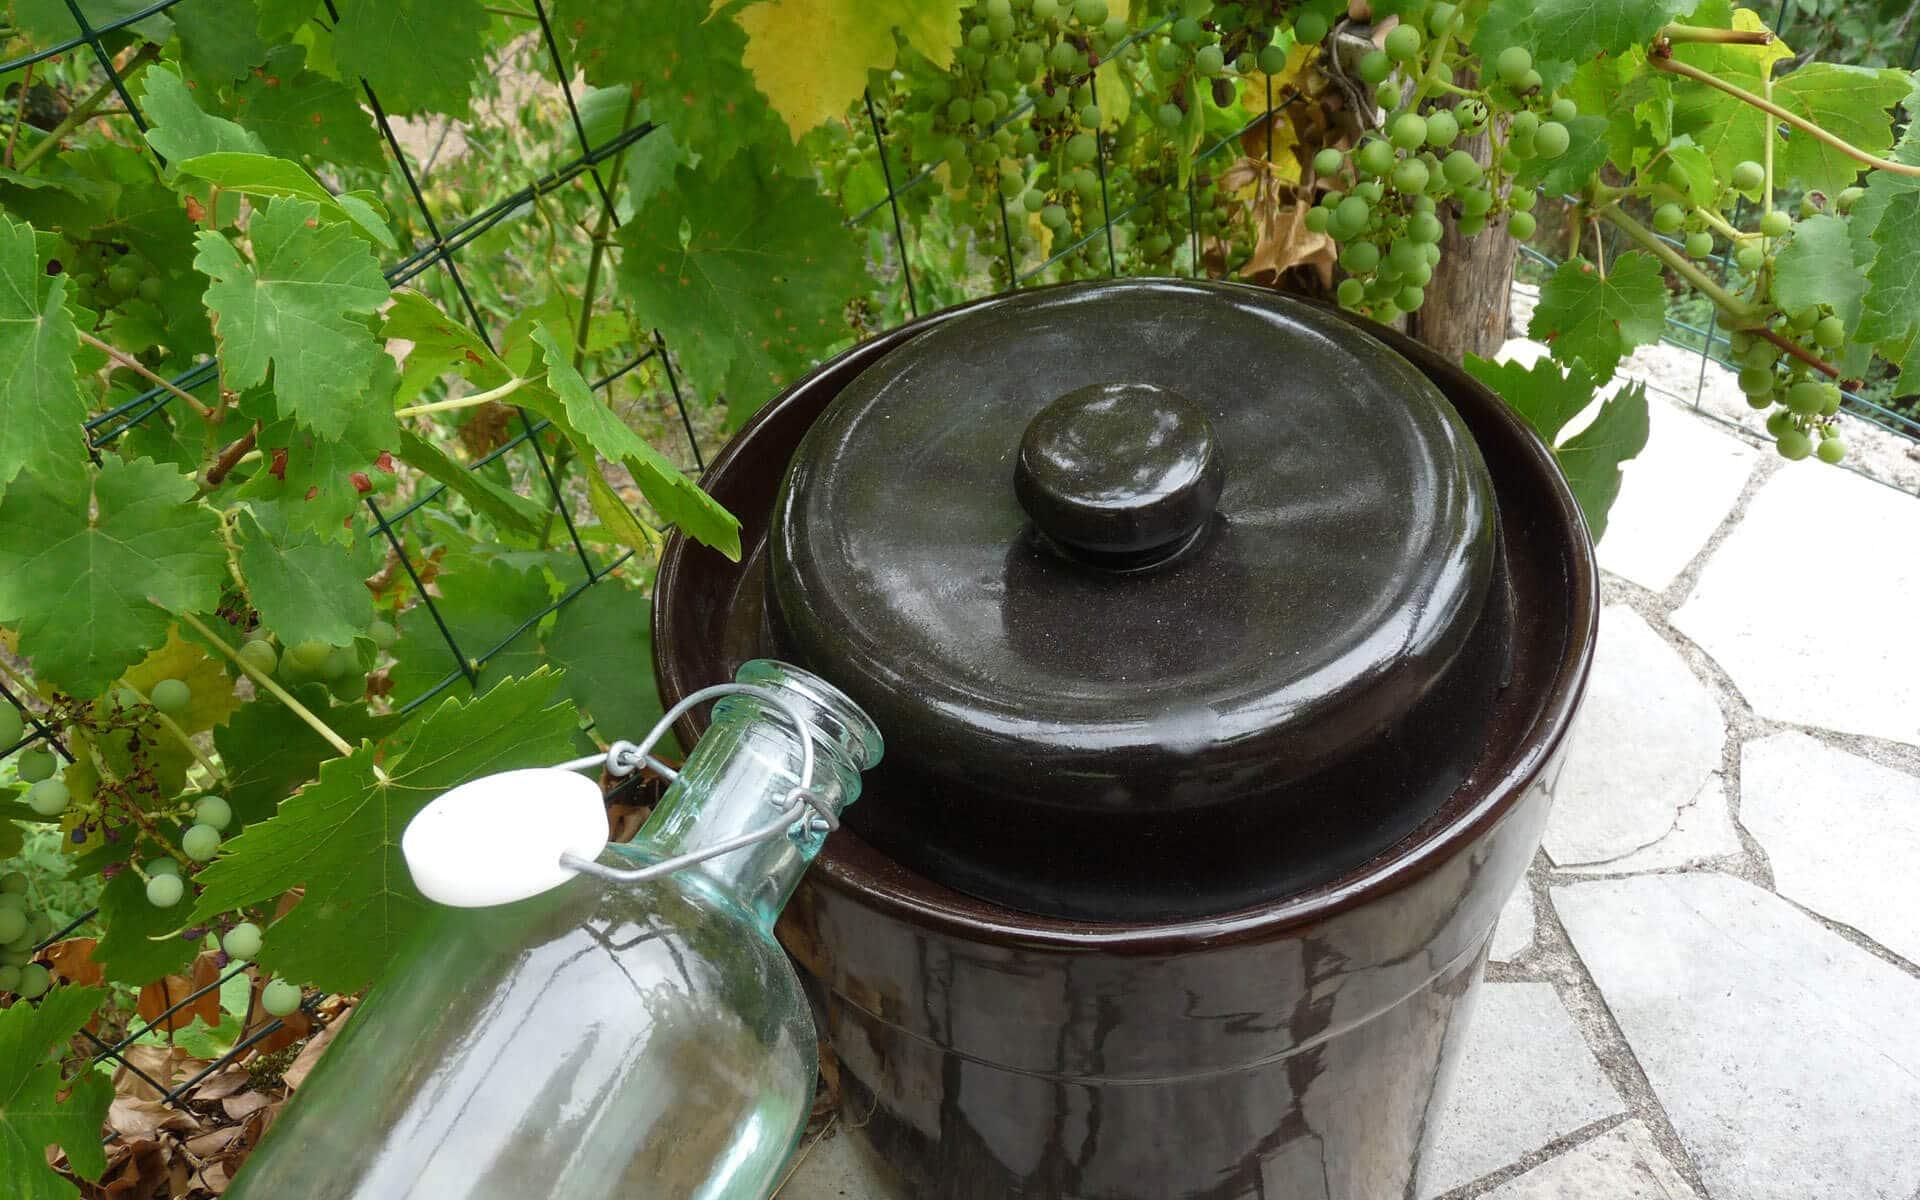 Durant la fermentation, maintenir un niveau d'eau constant dans la gorge circulaire.